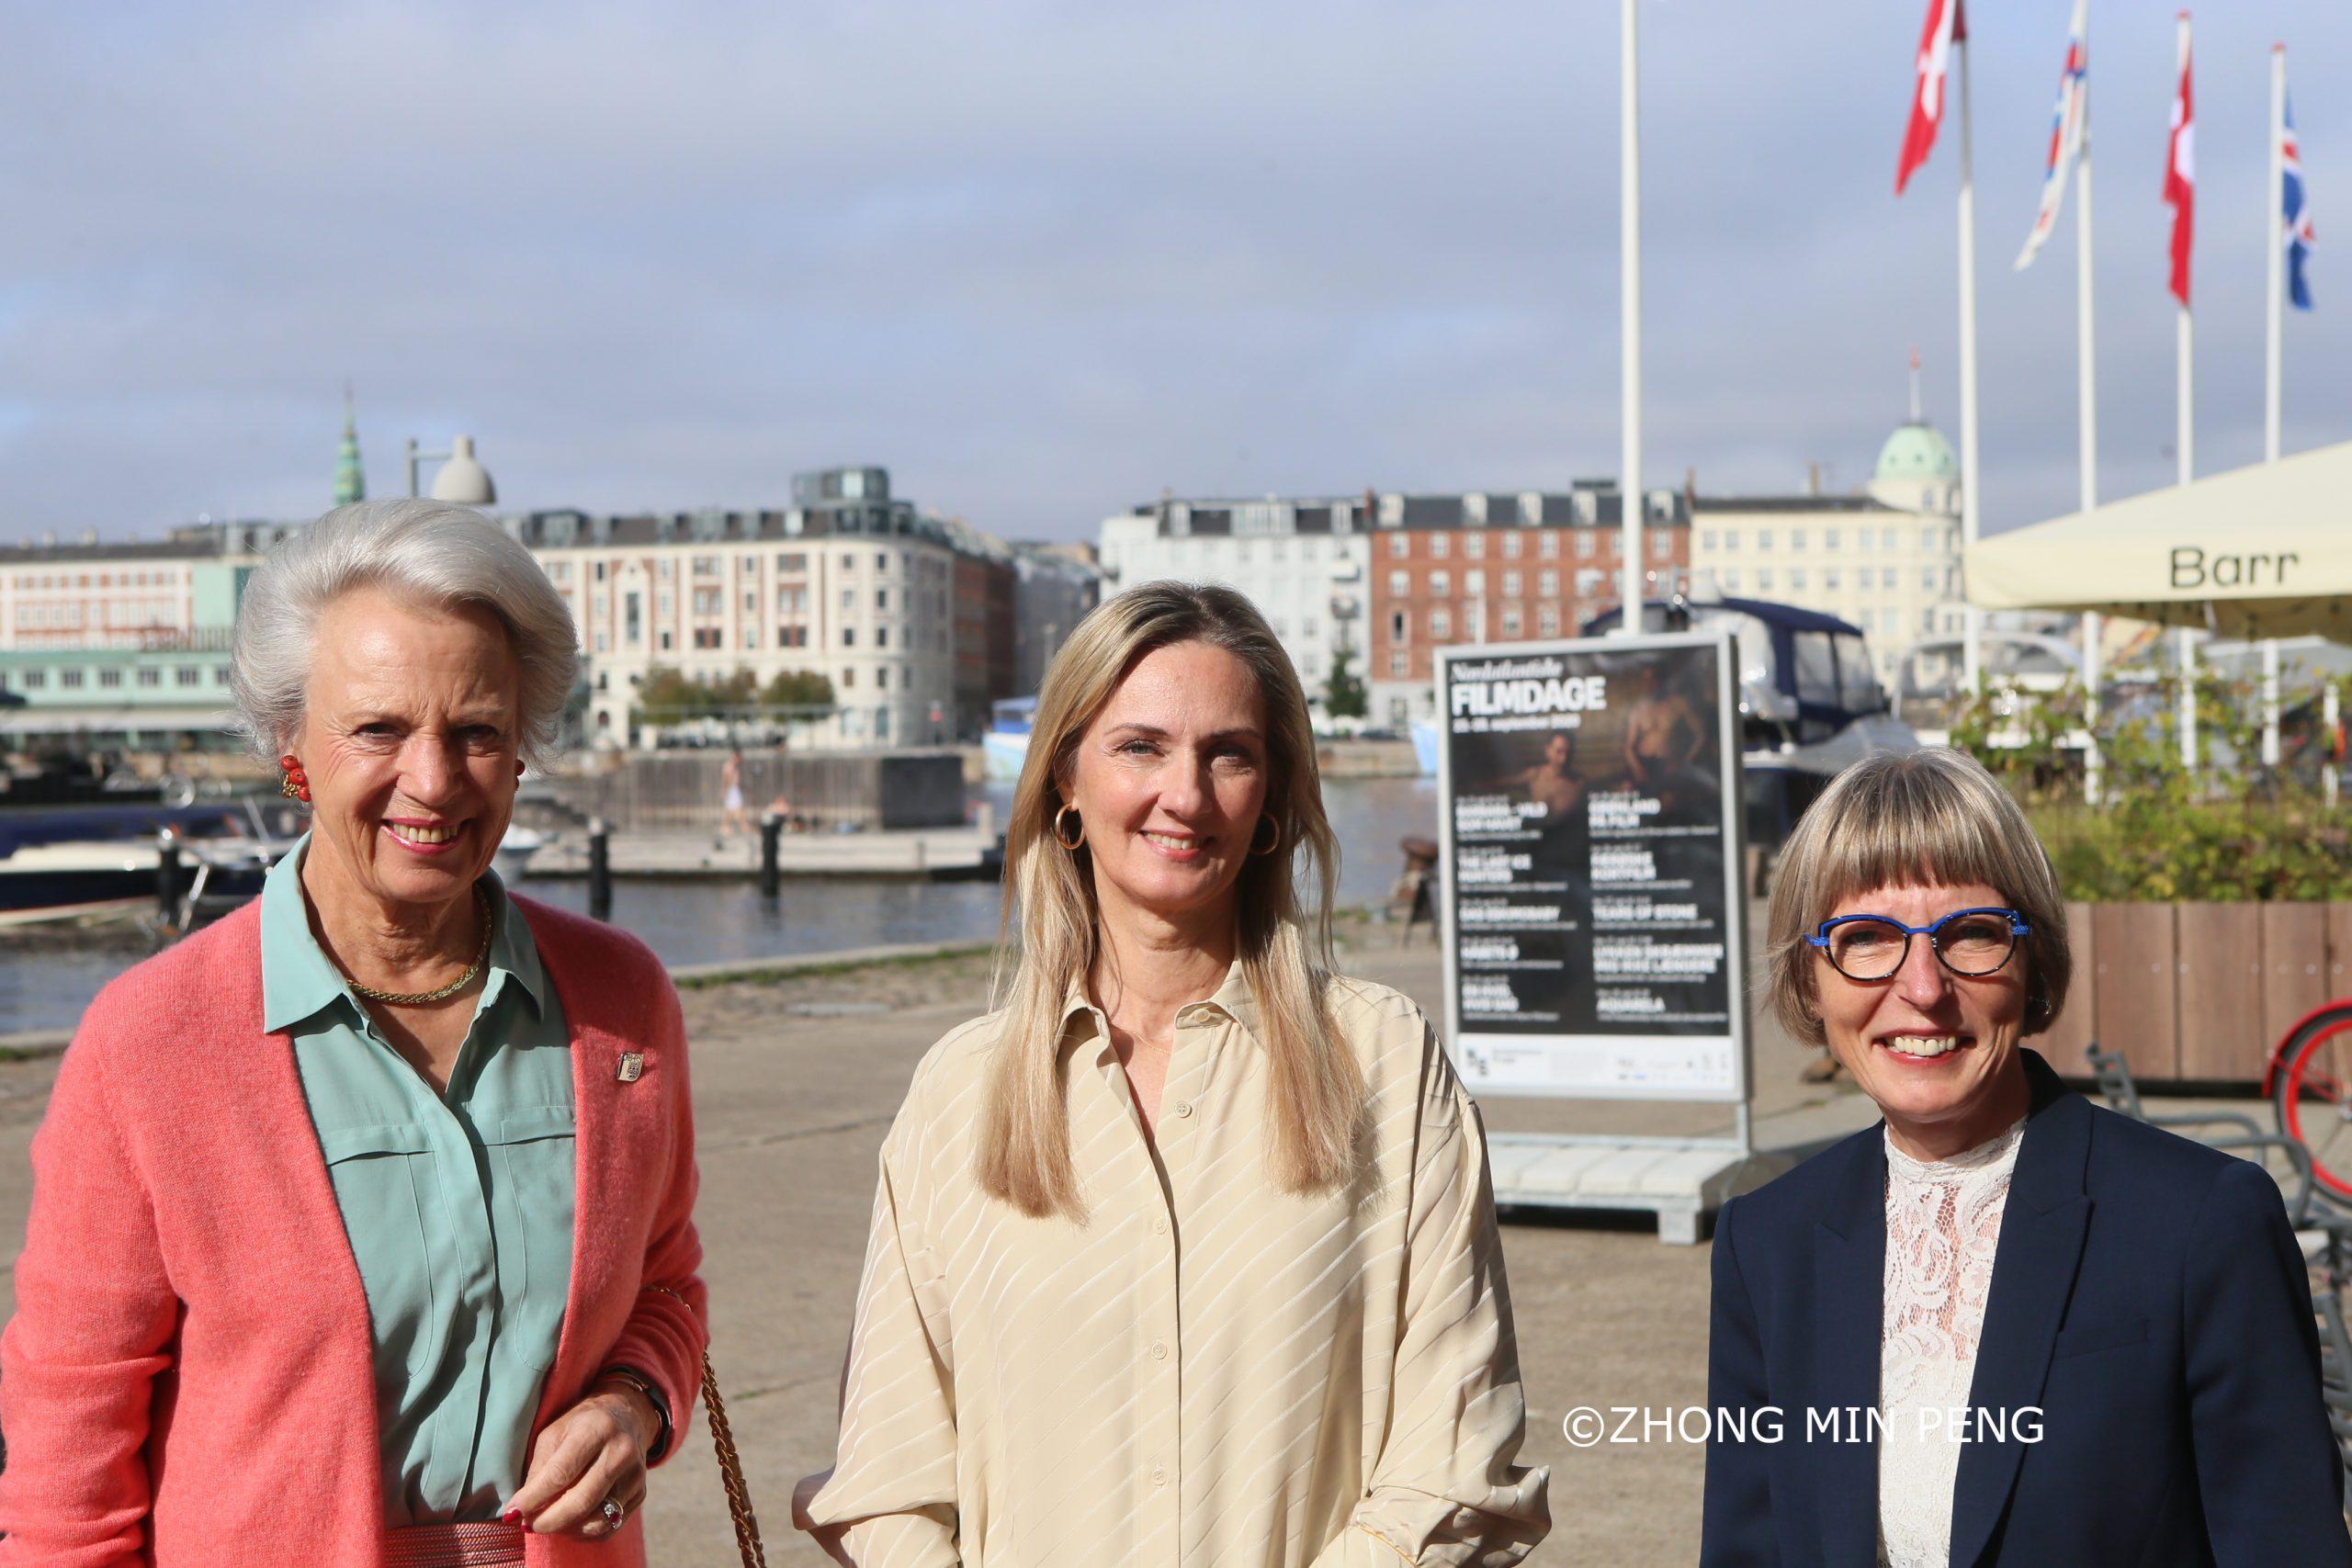 Et Medlem af Dansk Kongehus Besøger Udstilling